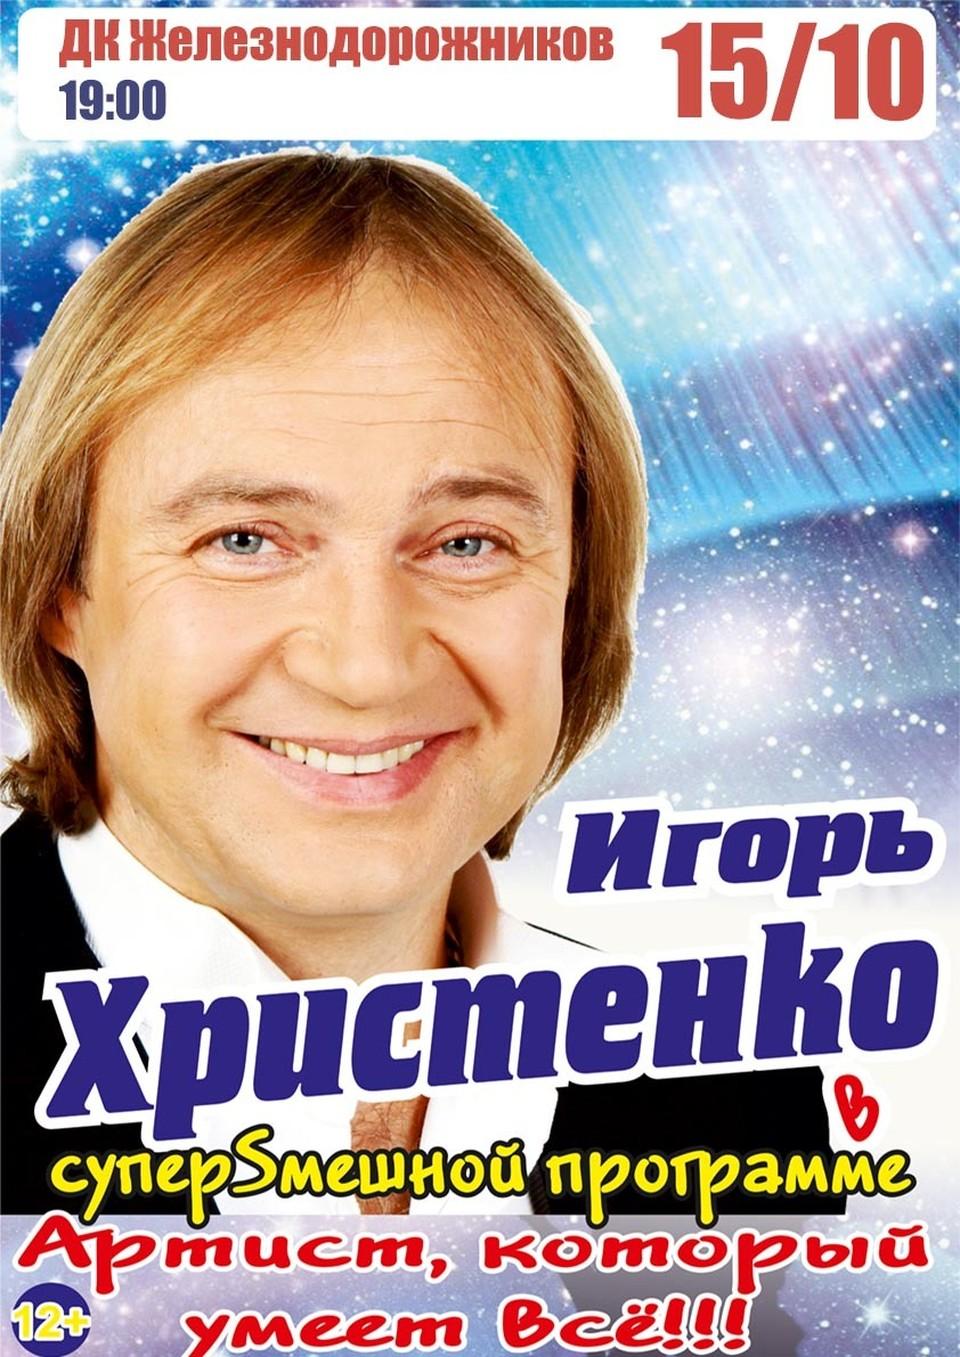 В Тюмени состоится концерт звезды «Кривого Зеркала» Игоря Христенко